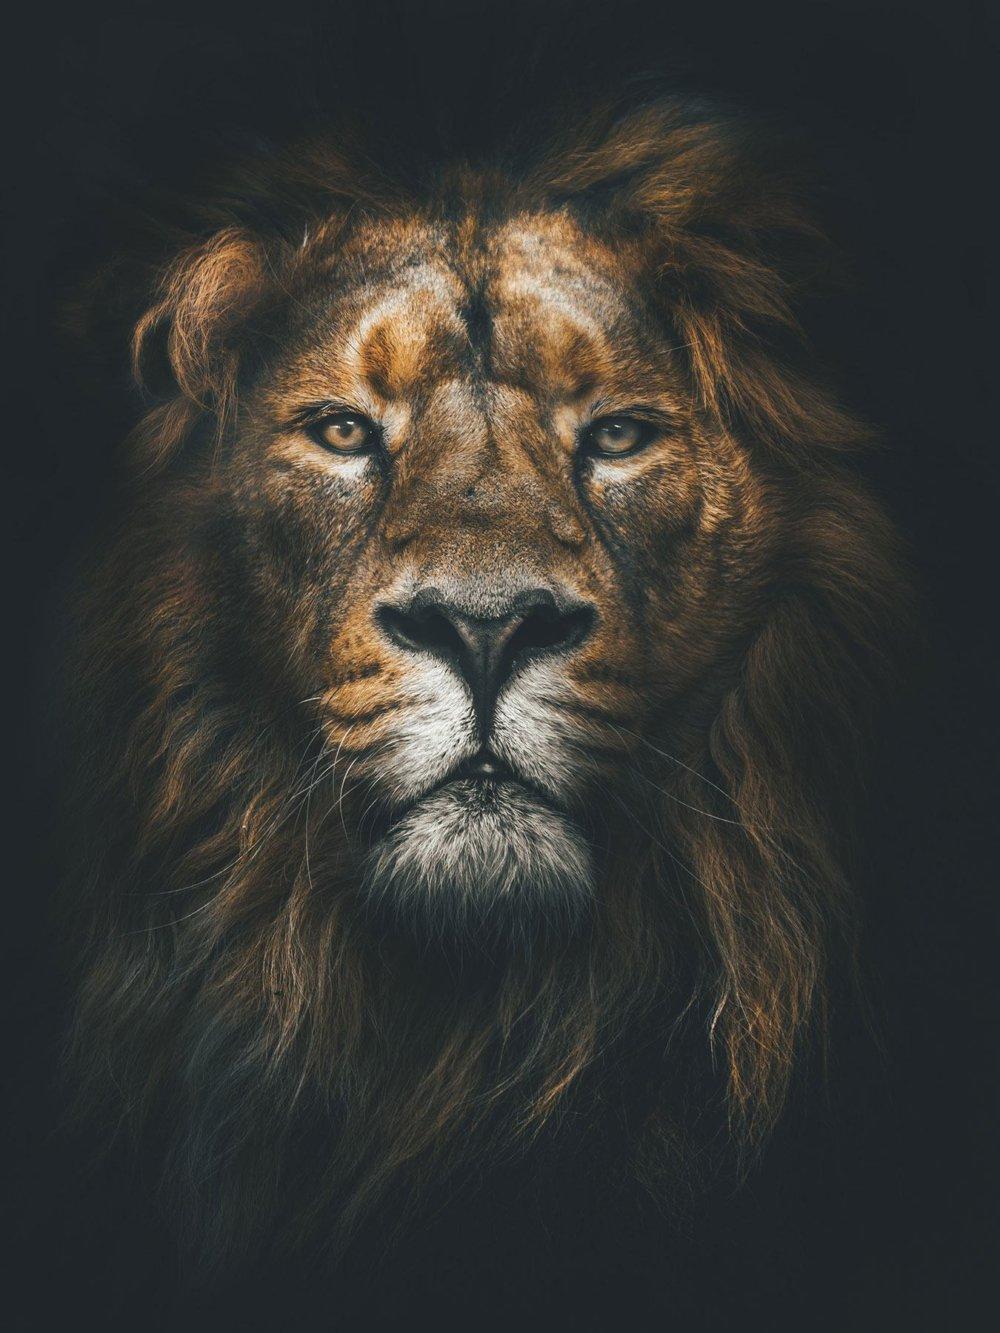 Lion Web Design